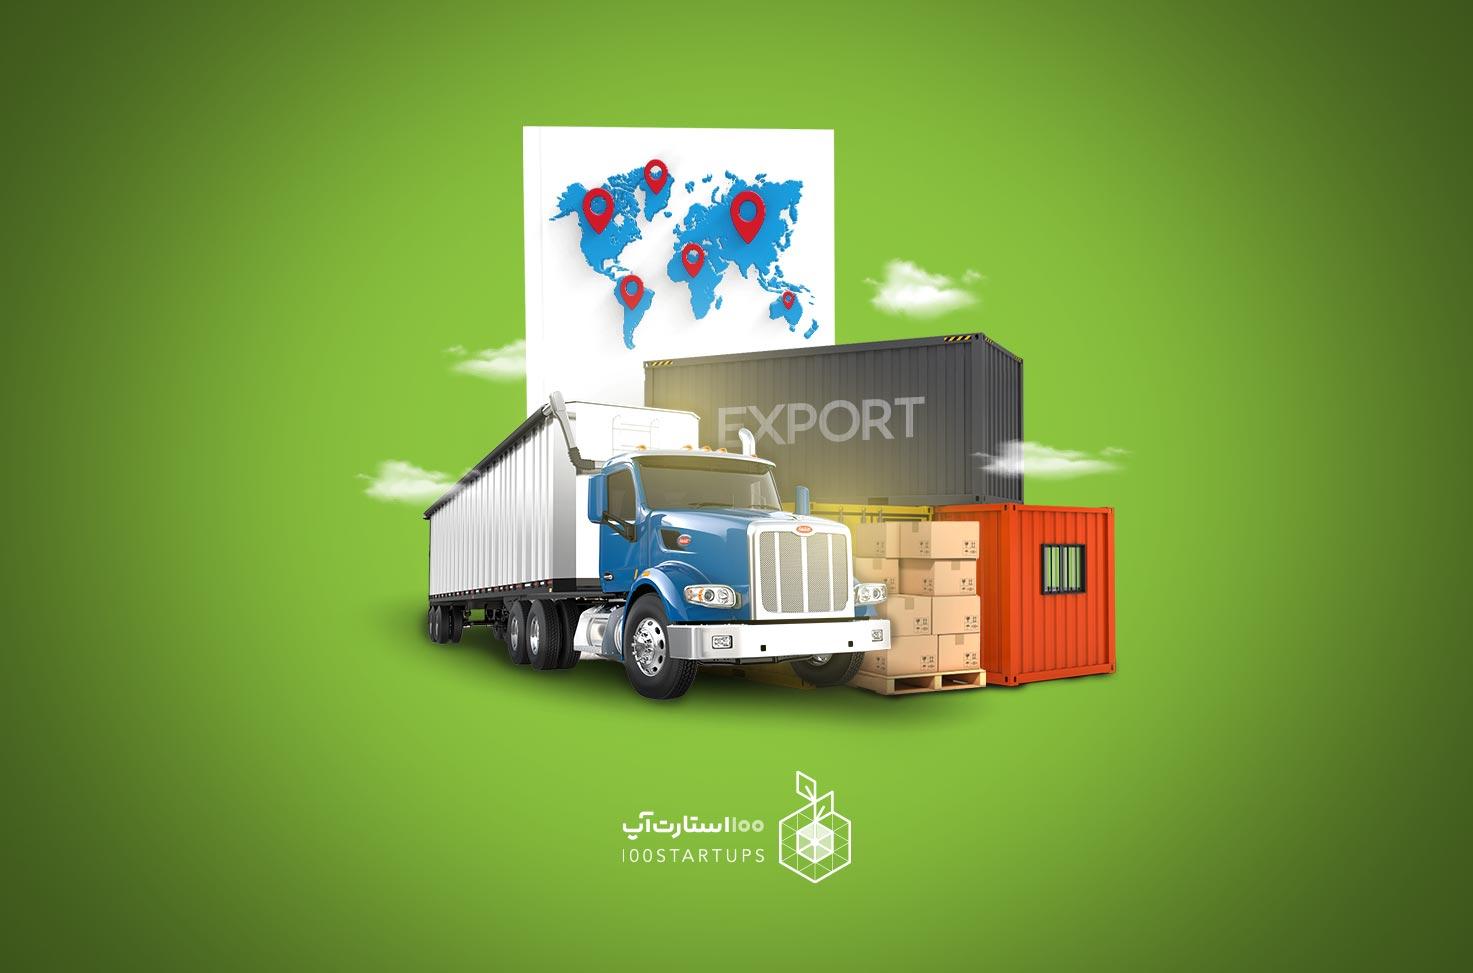 بازار بین الملل، صادرات، استارتاپ، توسعه، کسبوکار